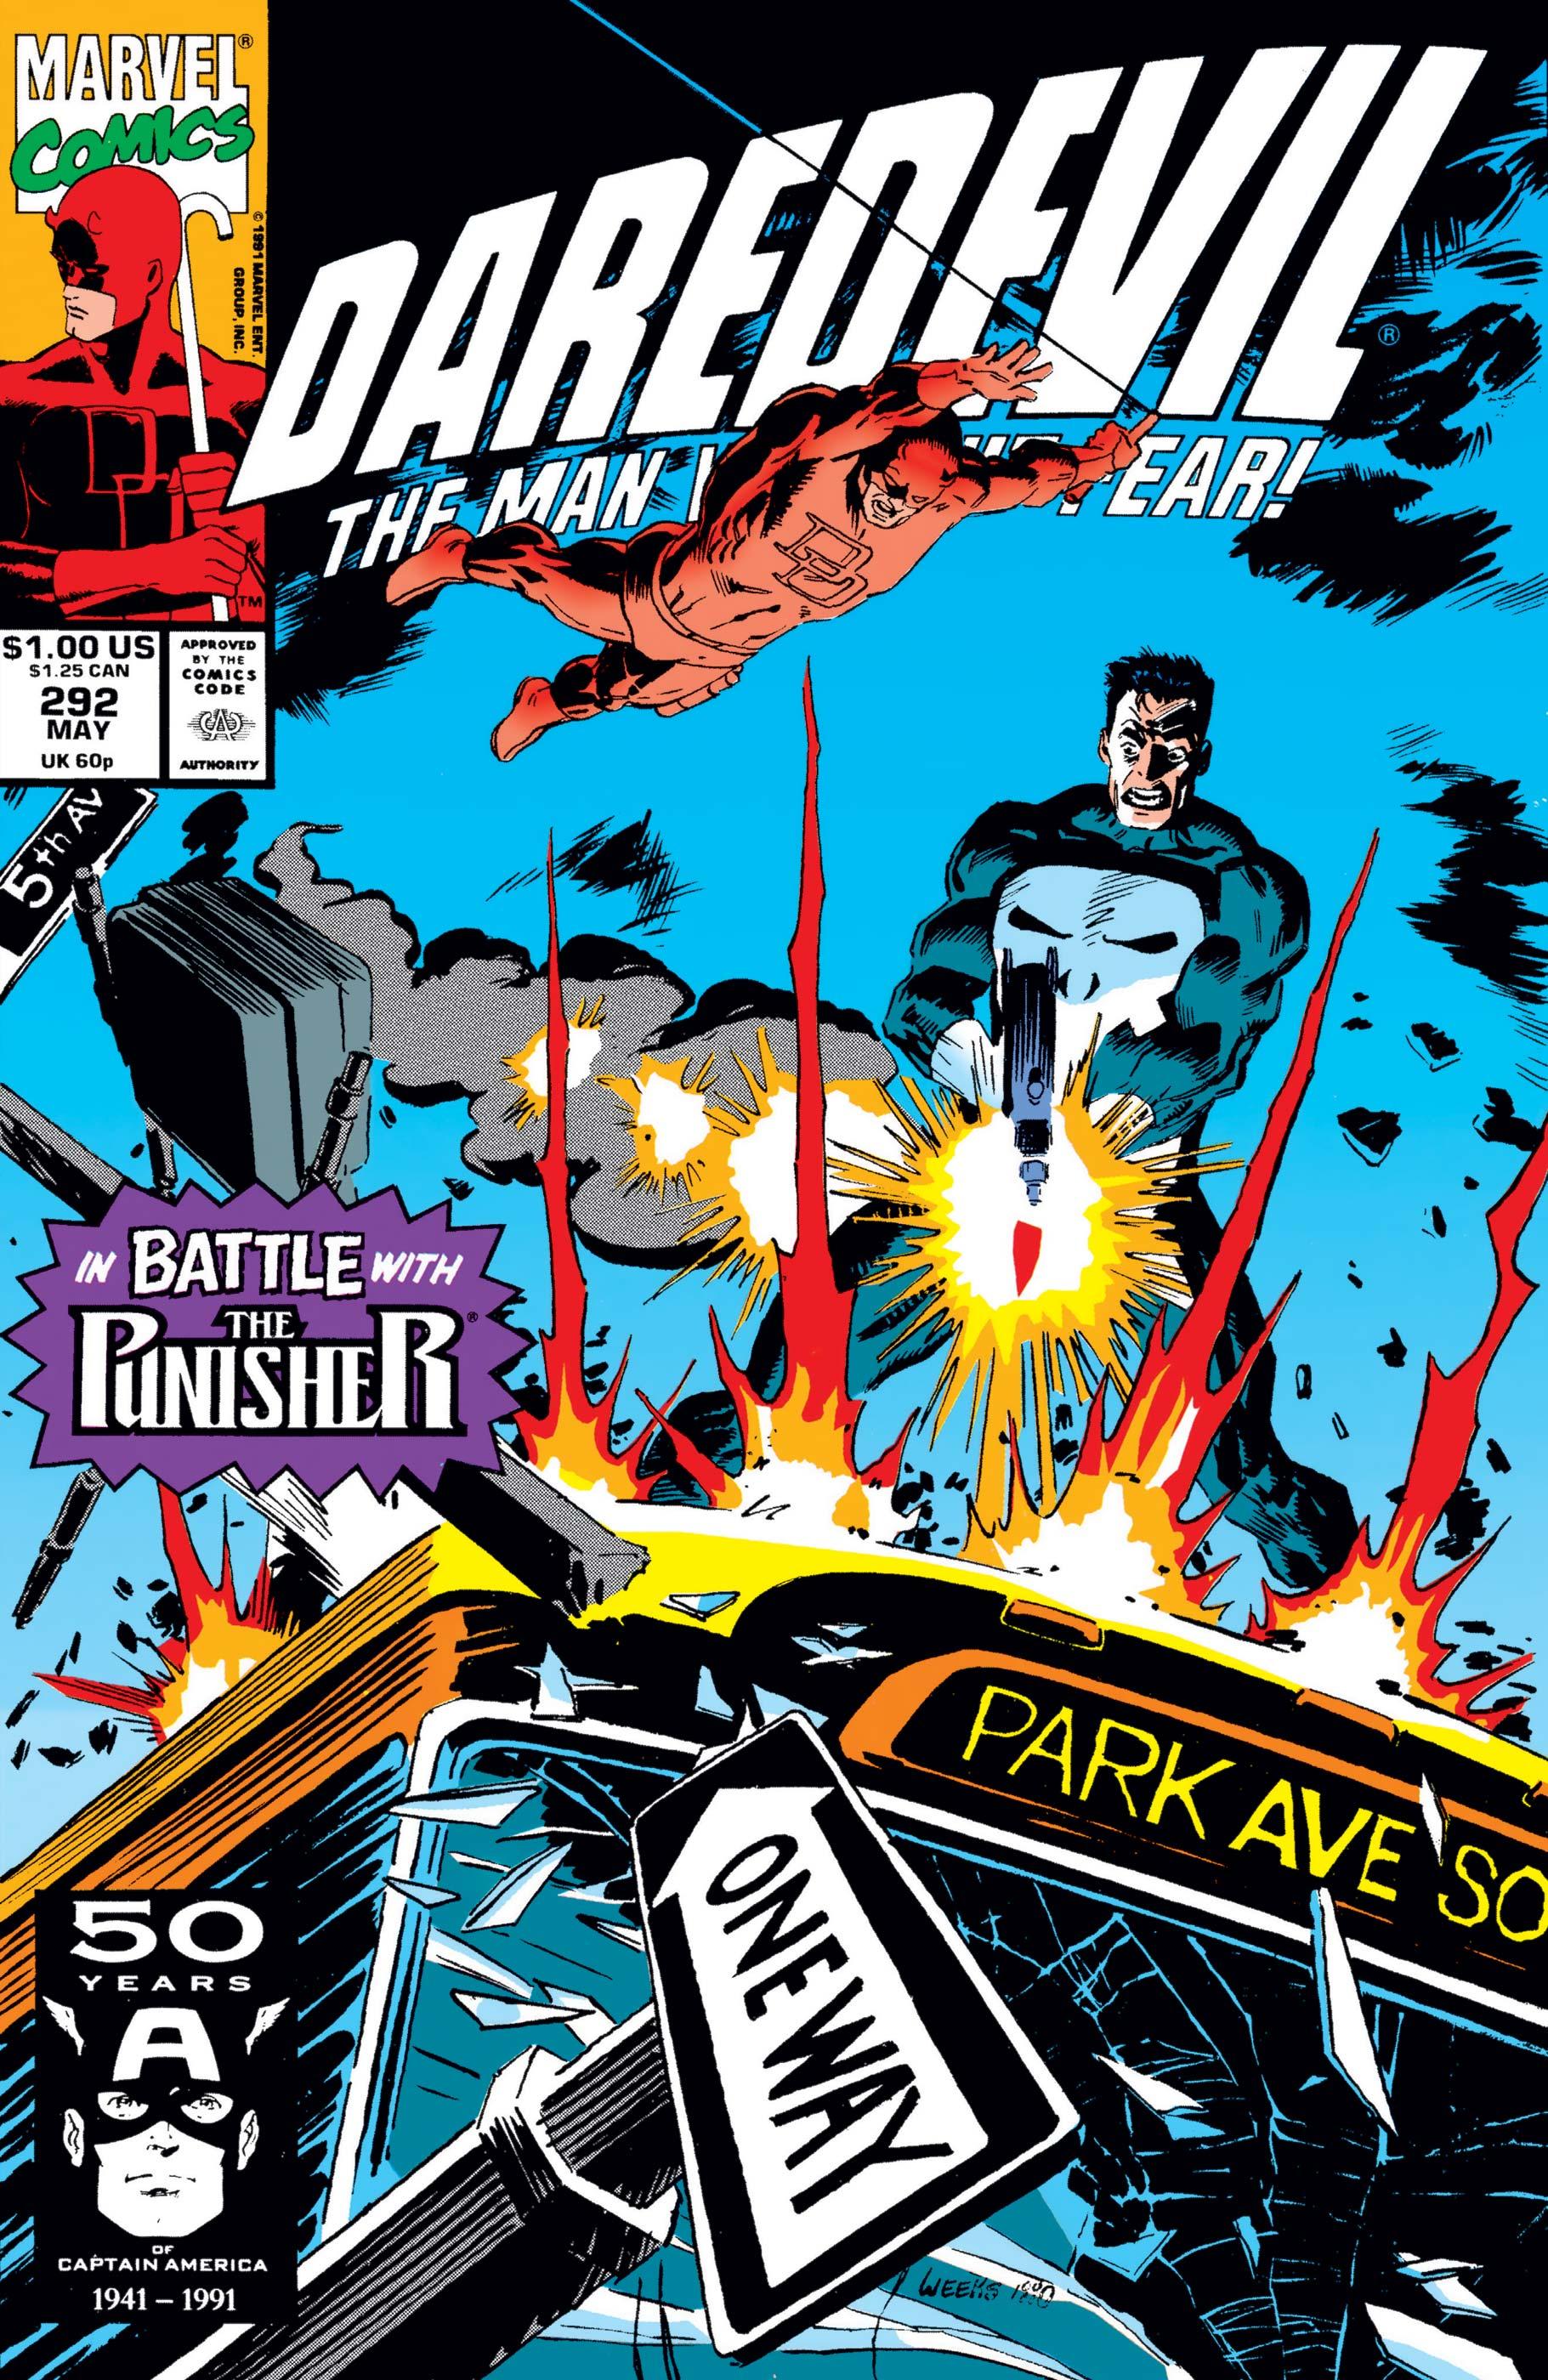 Daredevil (1964) #292